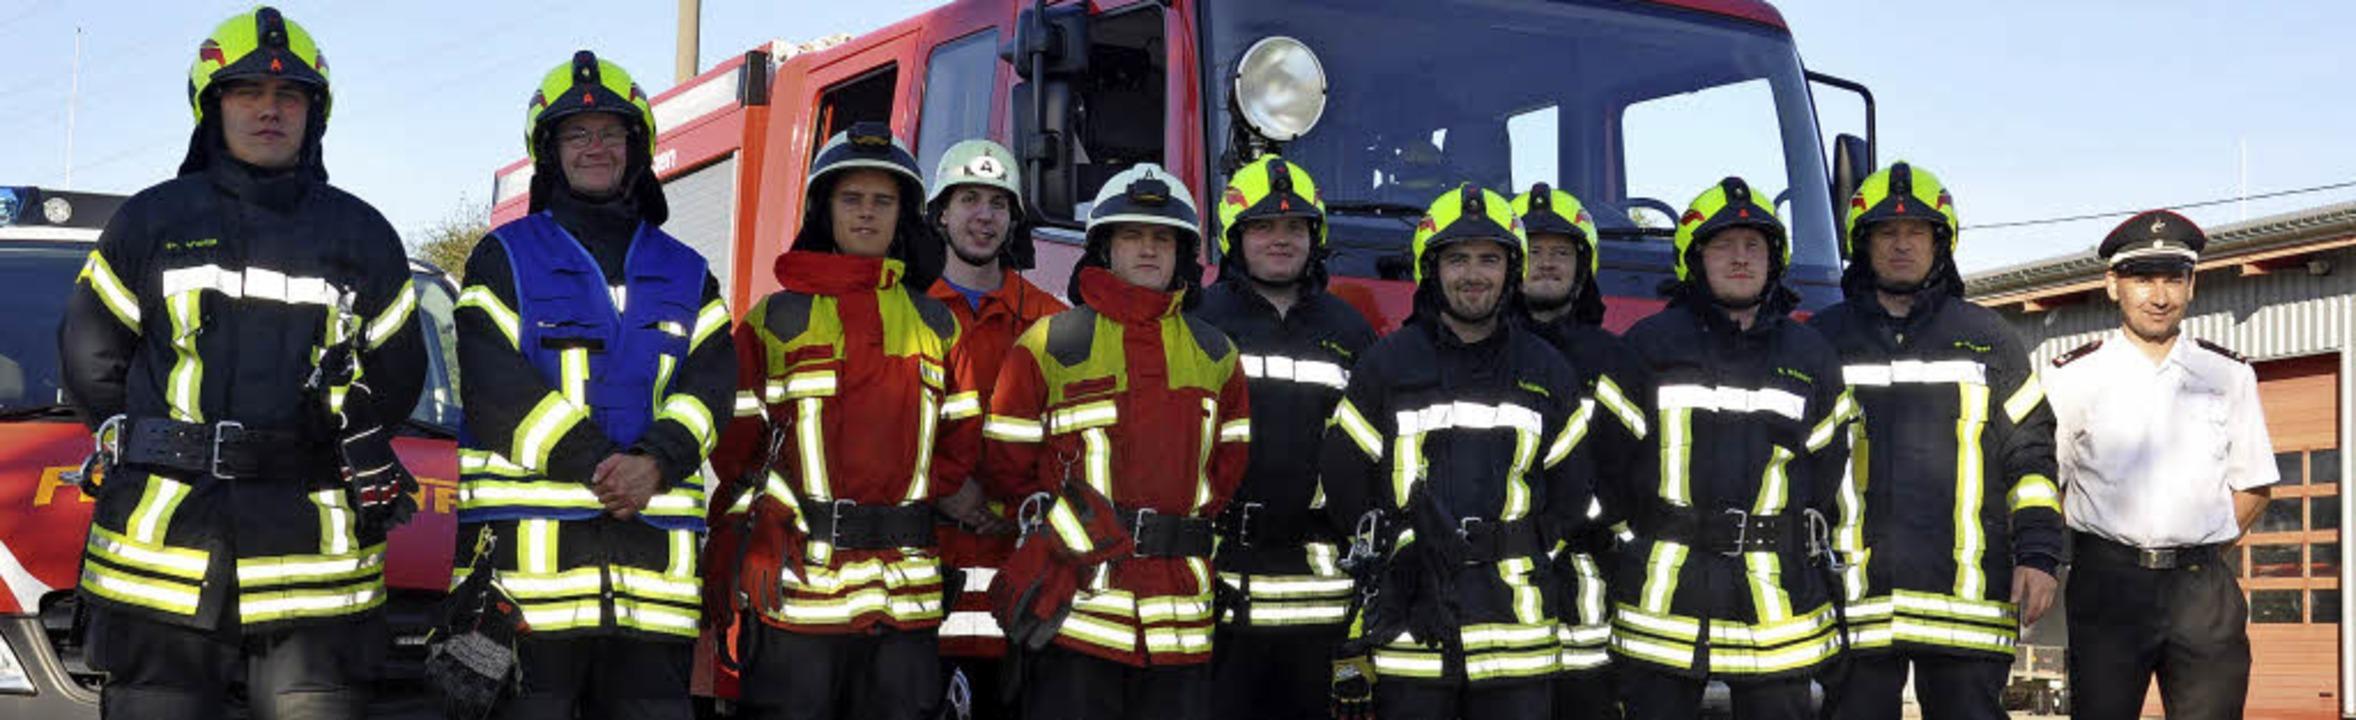 Feuerwehrleute aus Wittlingen, Binzen ...stungsabzeichen der Feuerwehr erringen  | Foto: Jutta Schütz